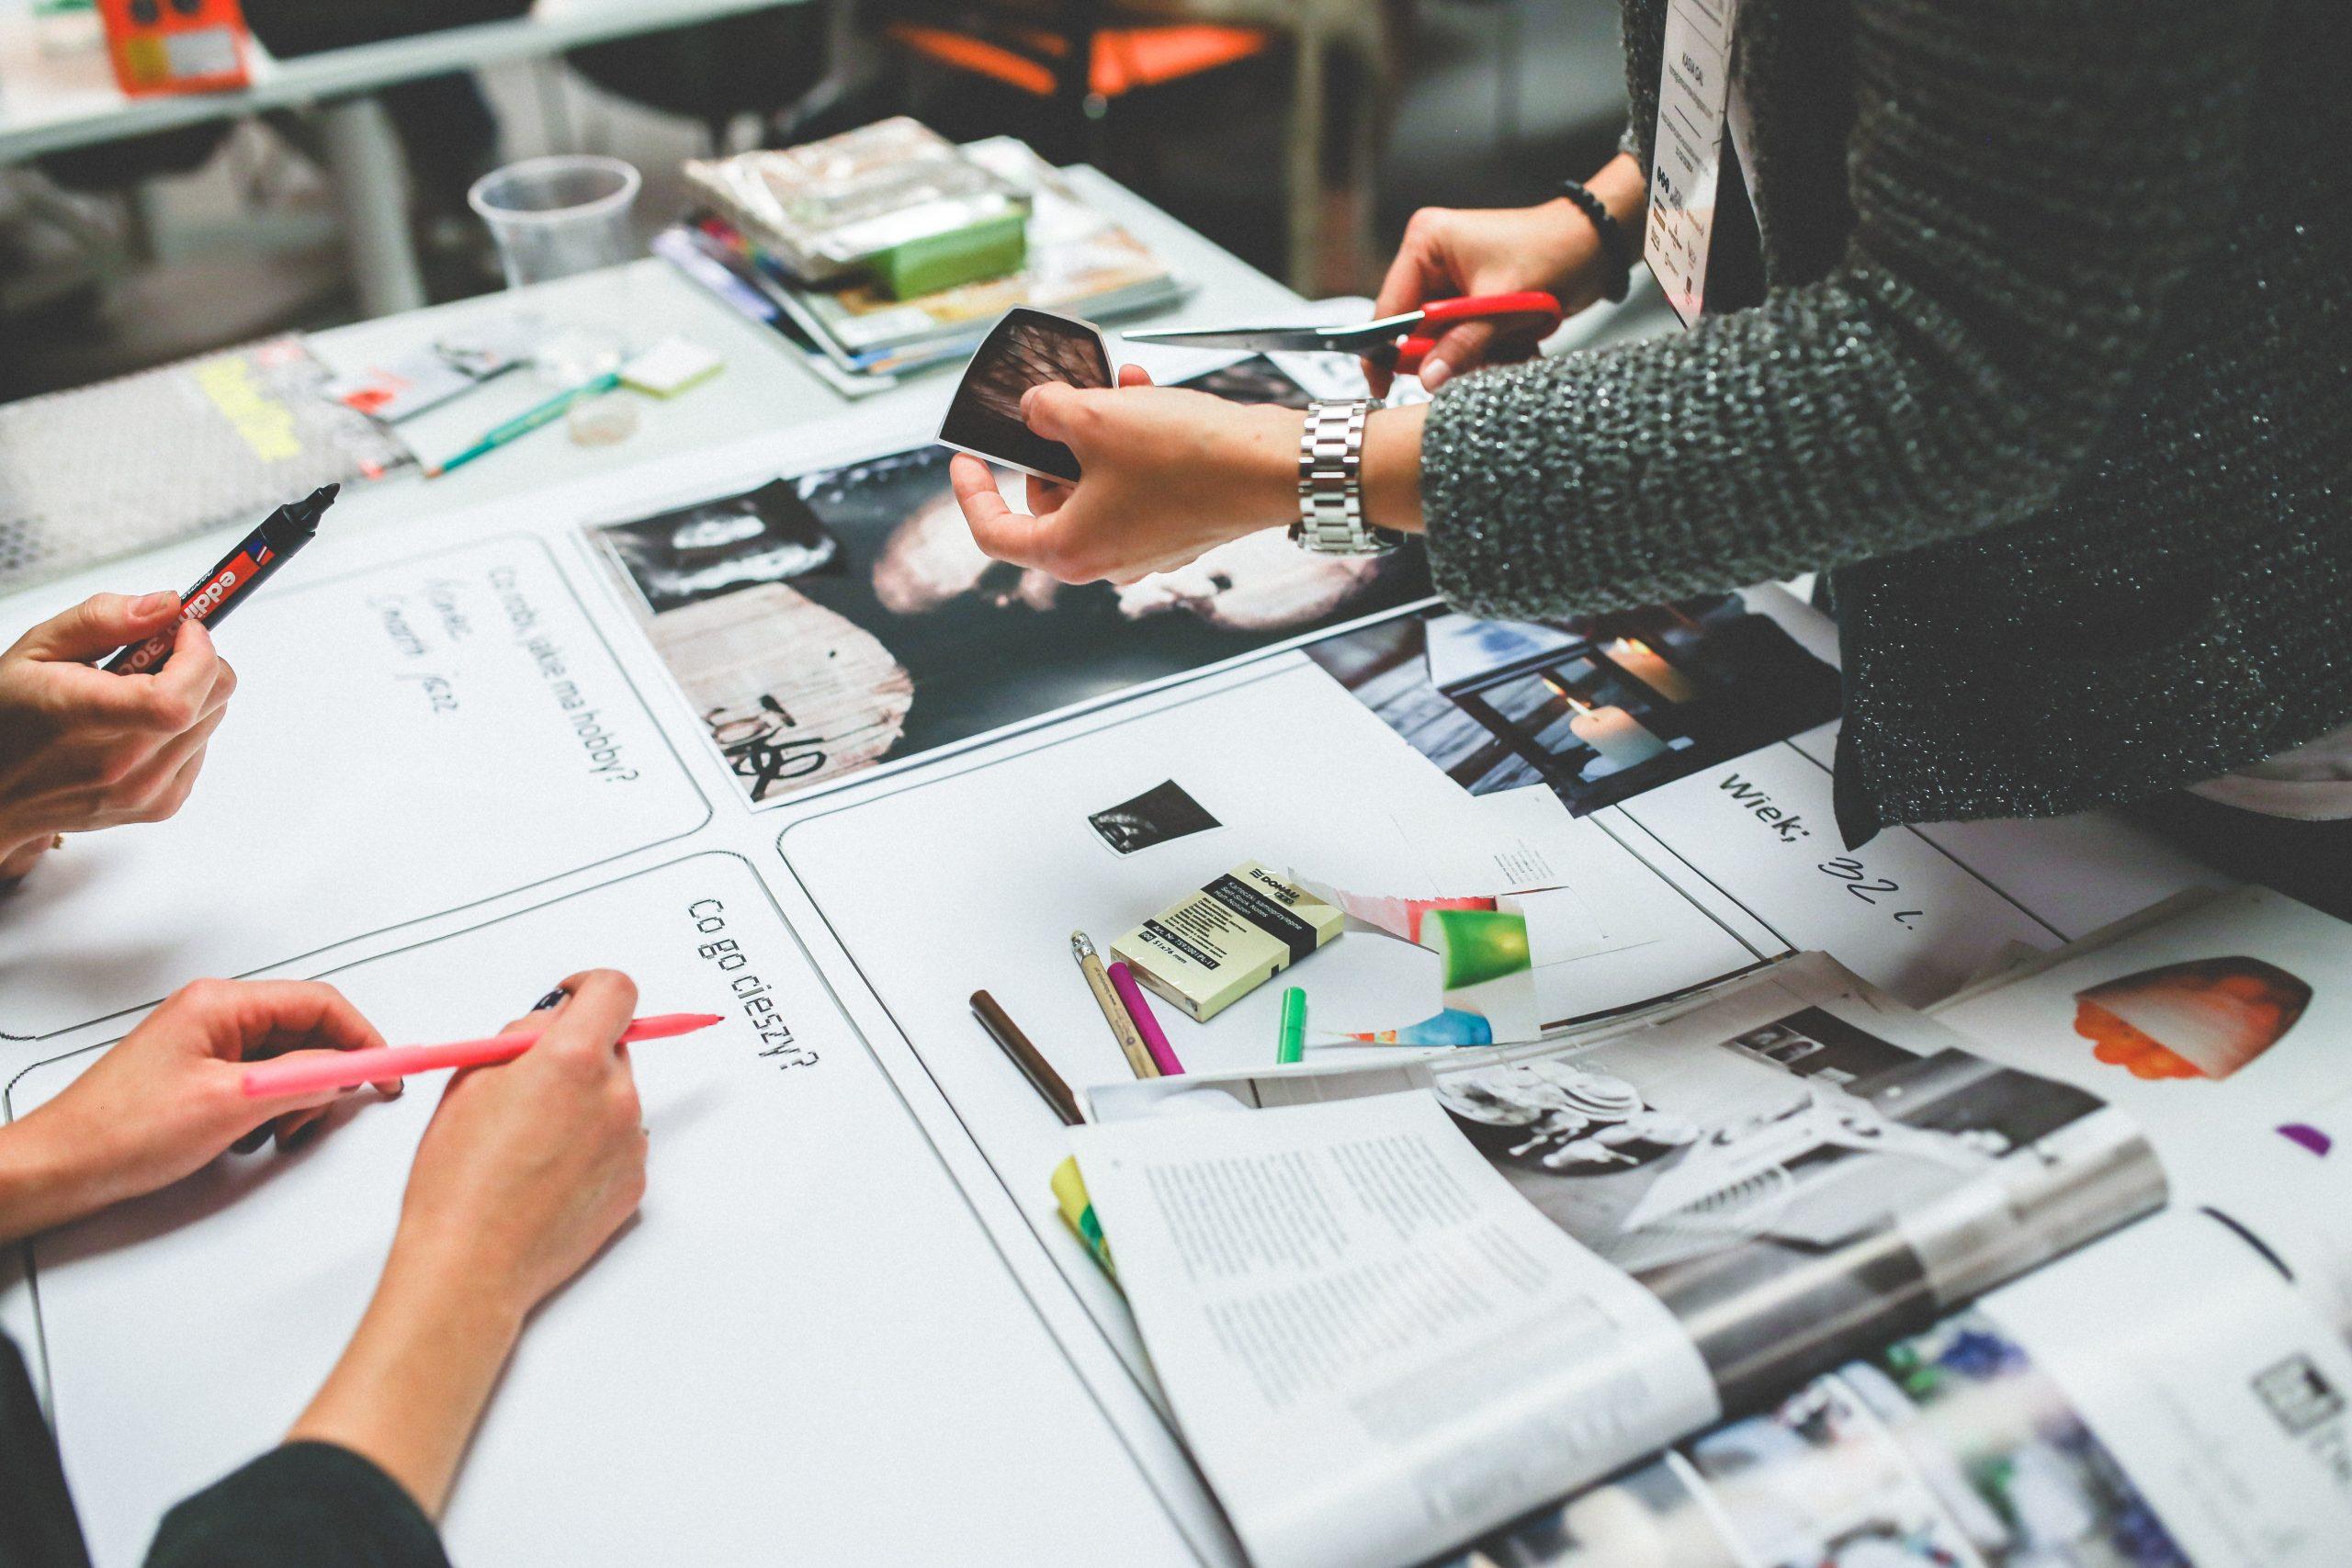 Минпросвещения включит в систему СПО изучение компетенций в сфере креативных индустрий